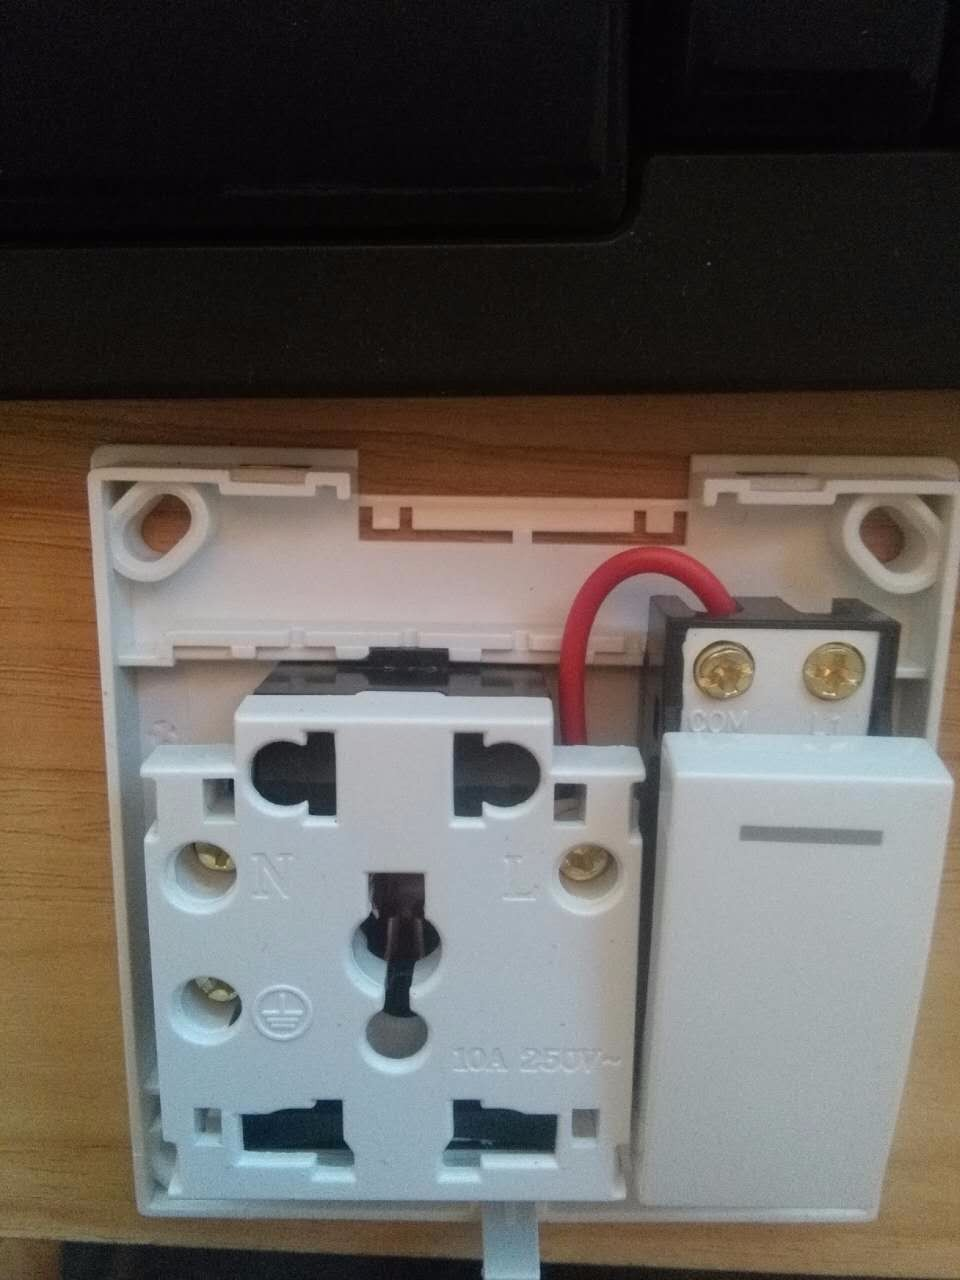 豪意的五孔一开接线步骤求解,要求插座常有电,开关单独控制一个灯泡